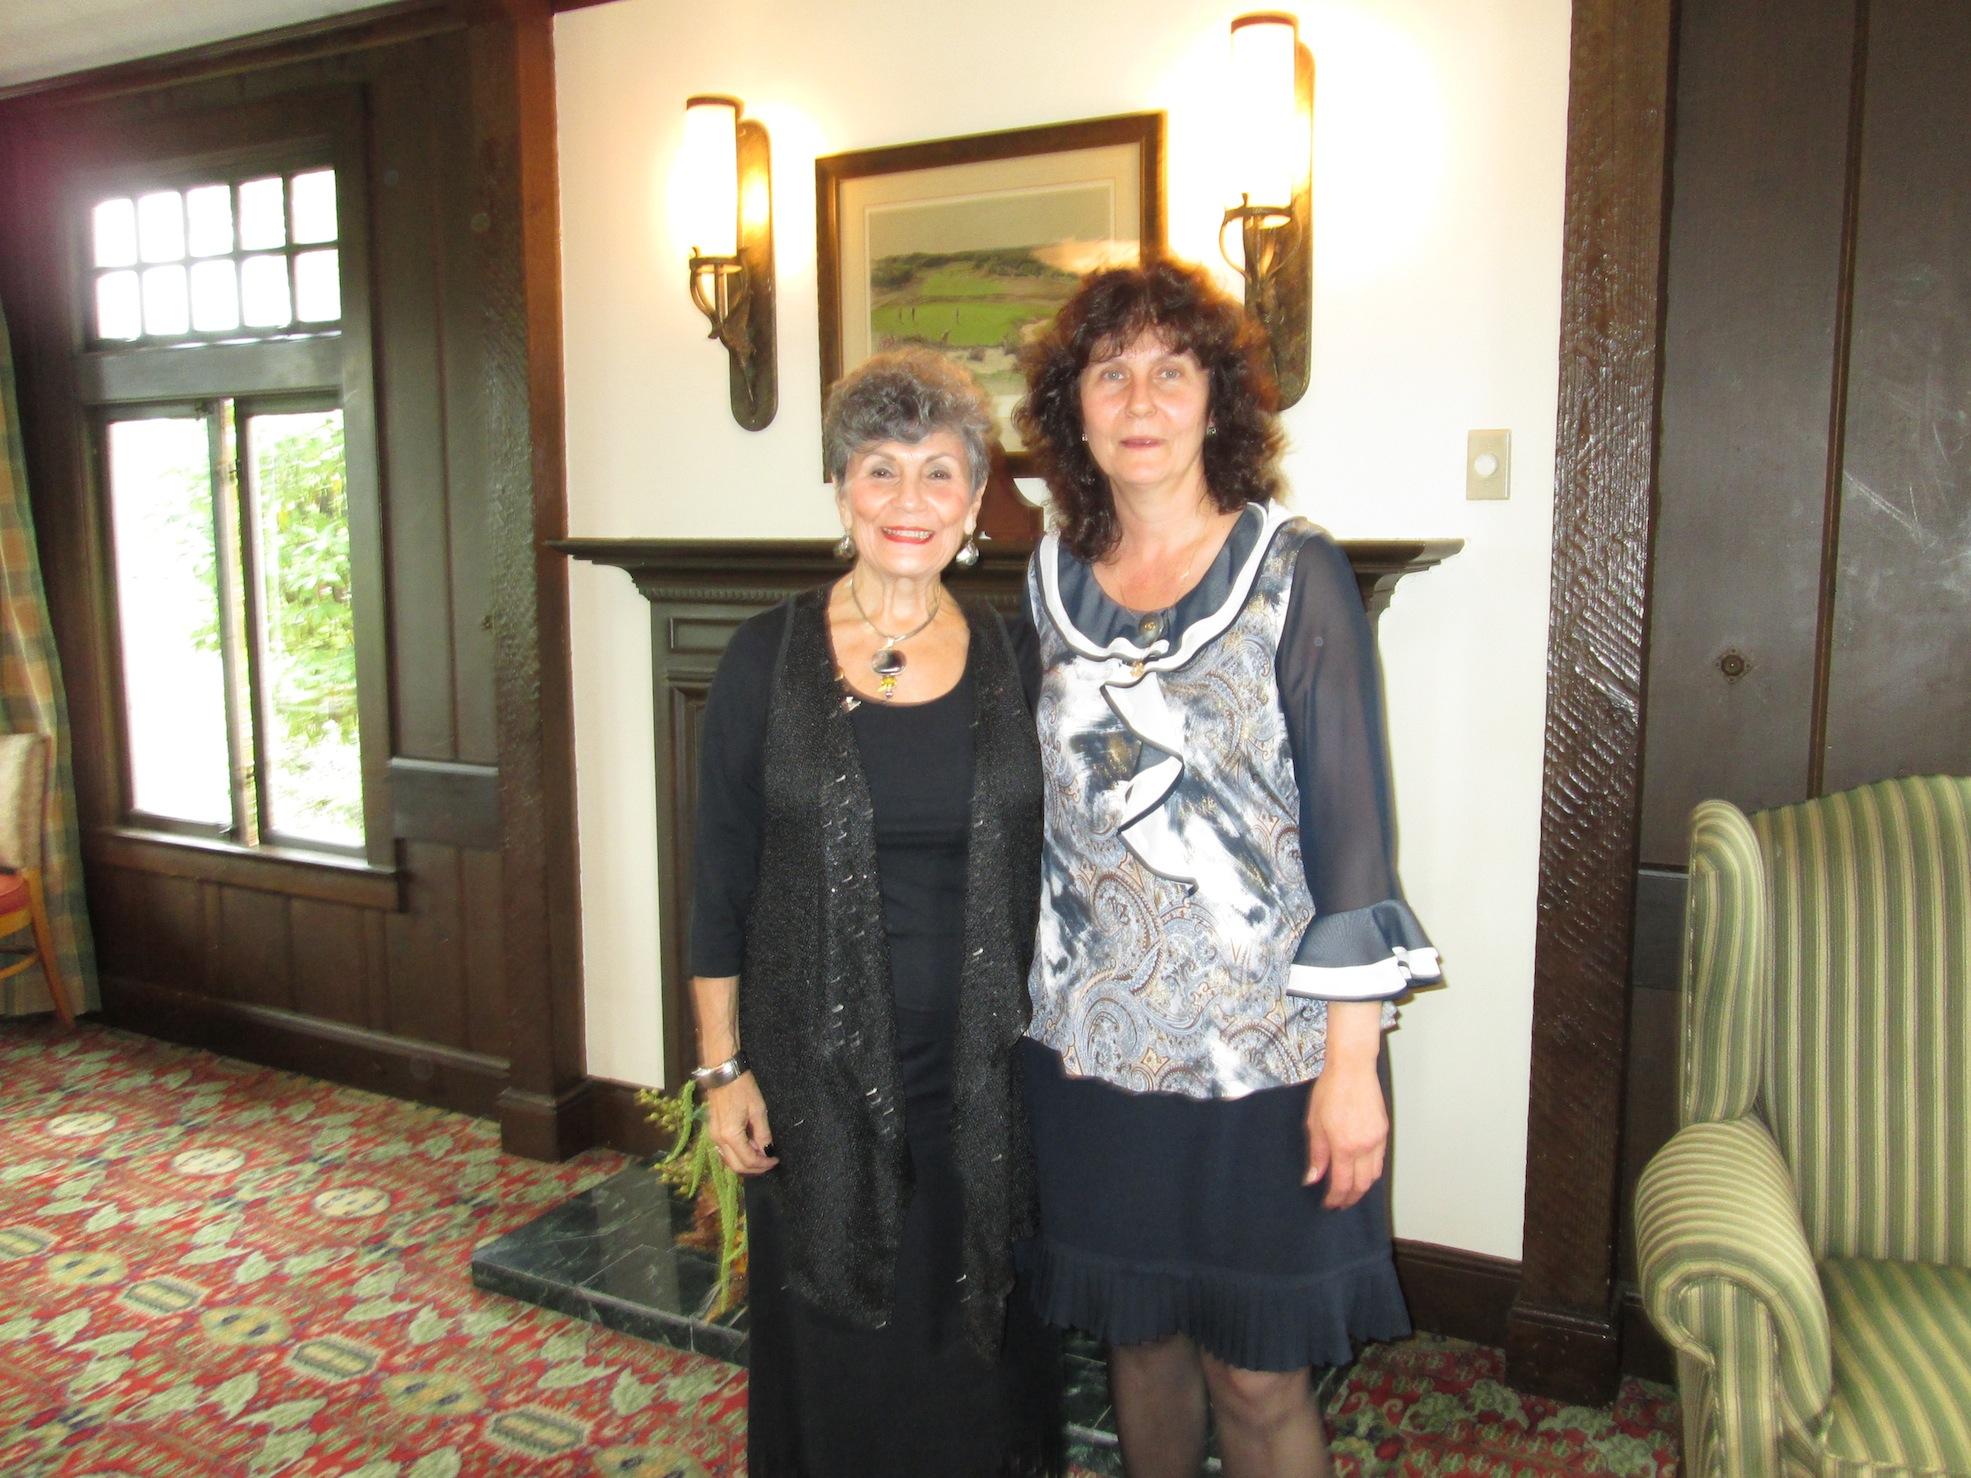 Regional Meeting with Nancy Kaufman8_Nov 8, 2012.JPG